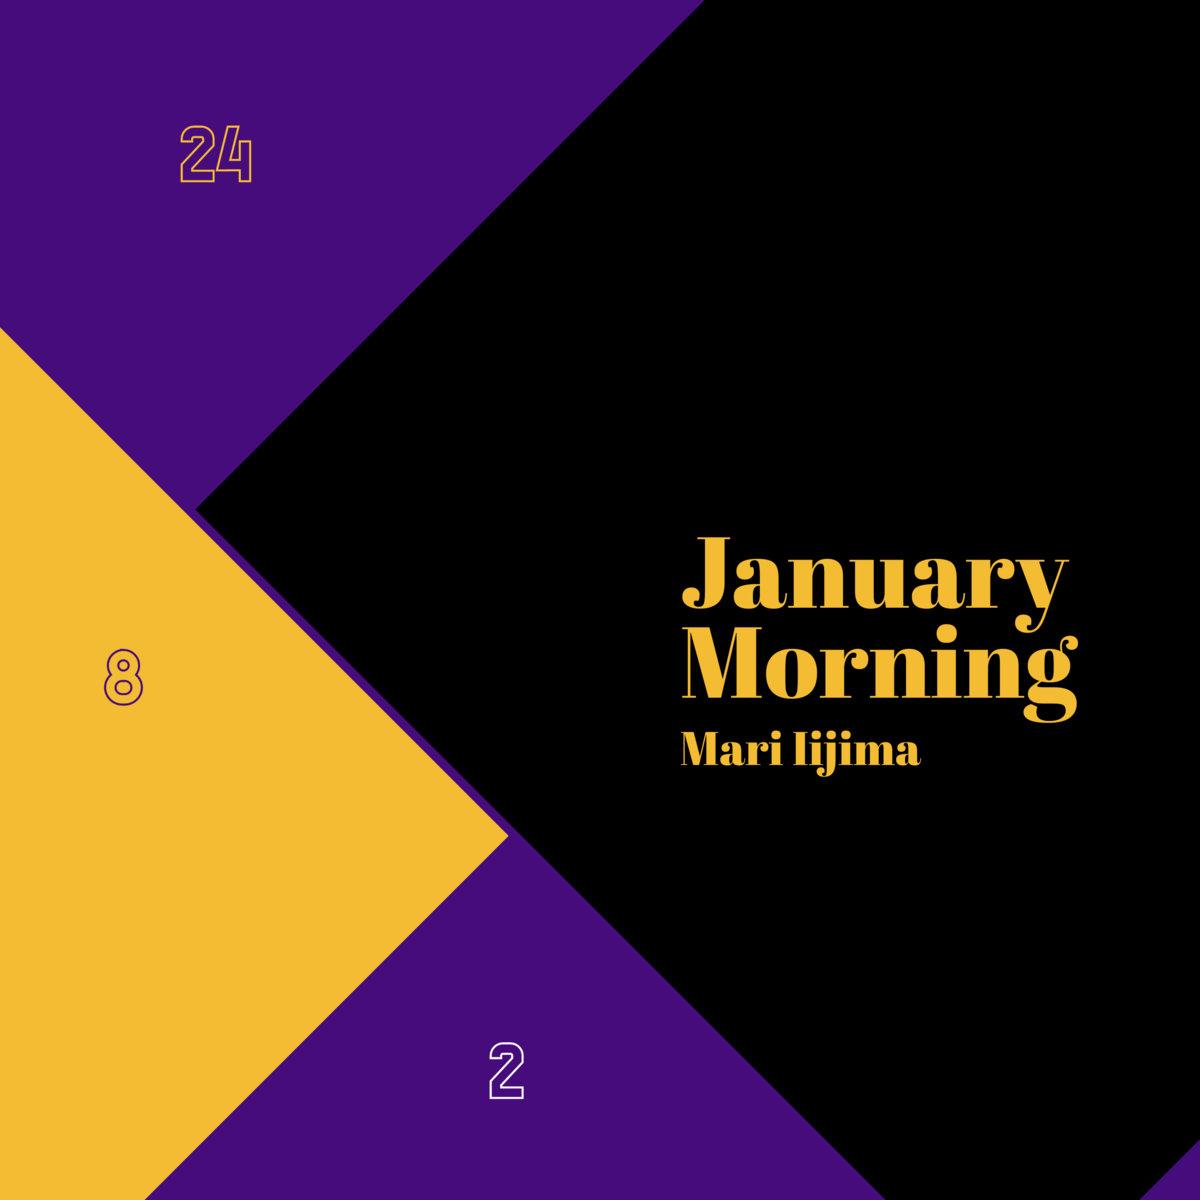 January Morning by Mari Iijima